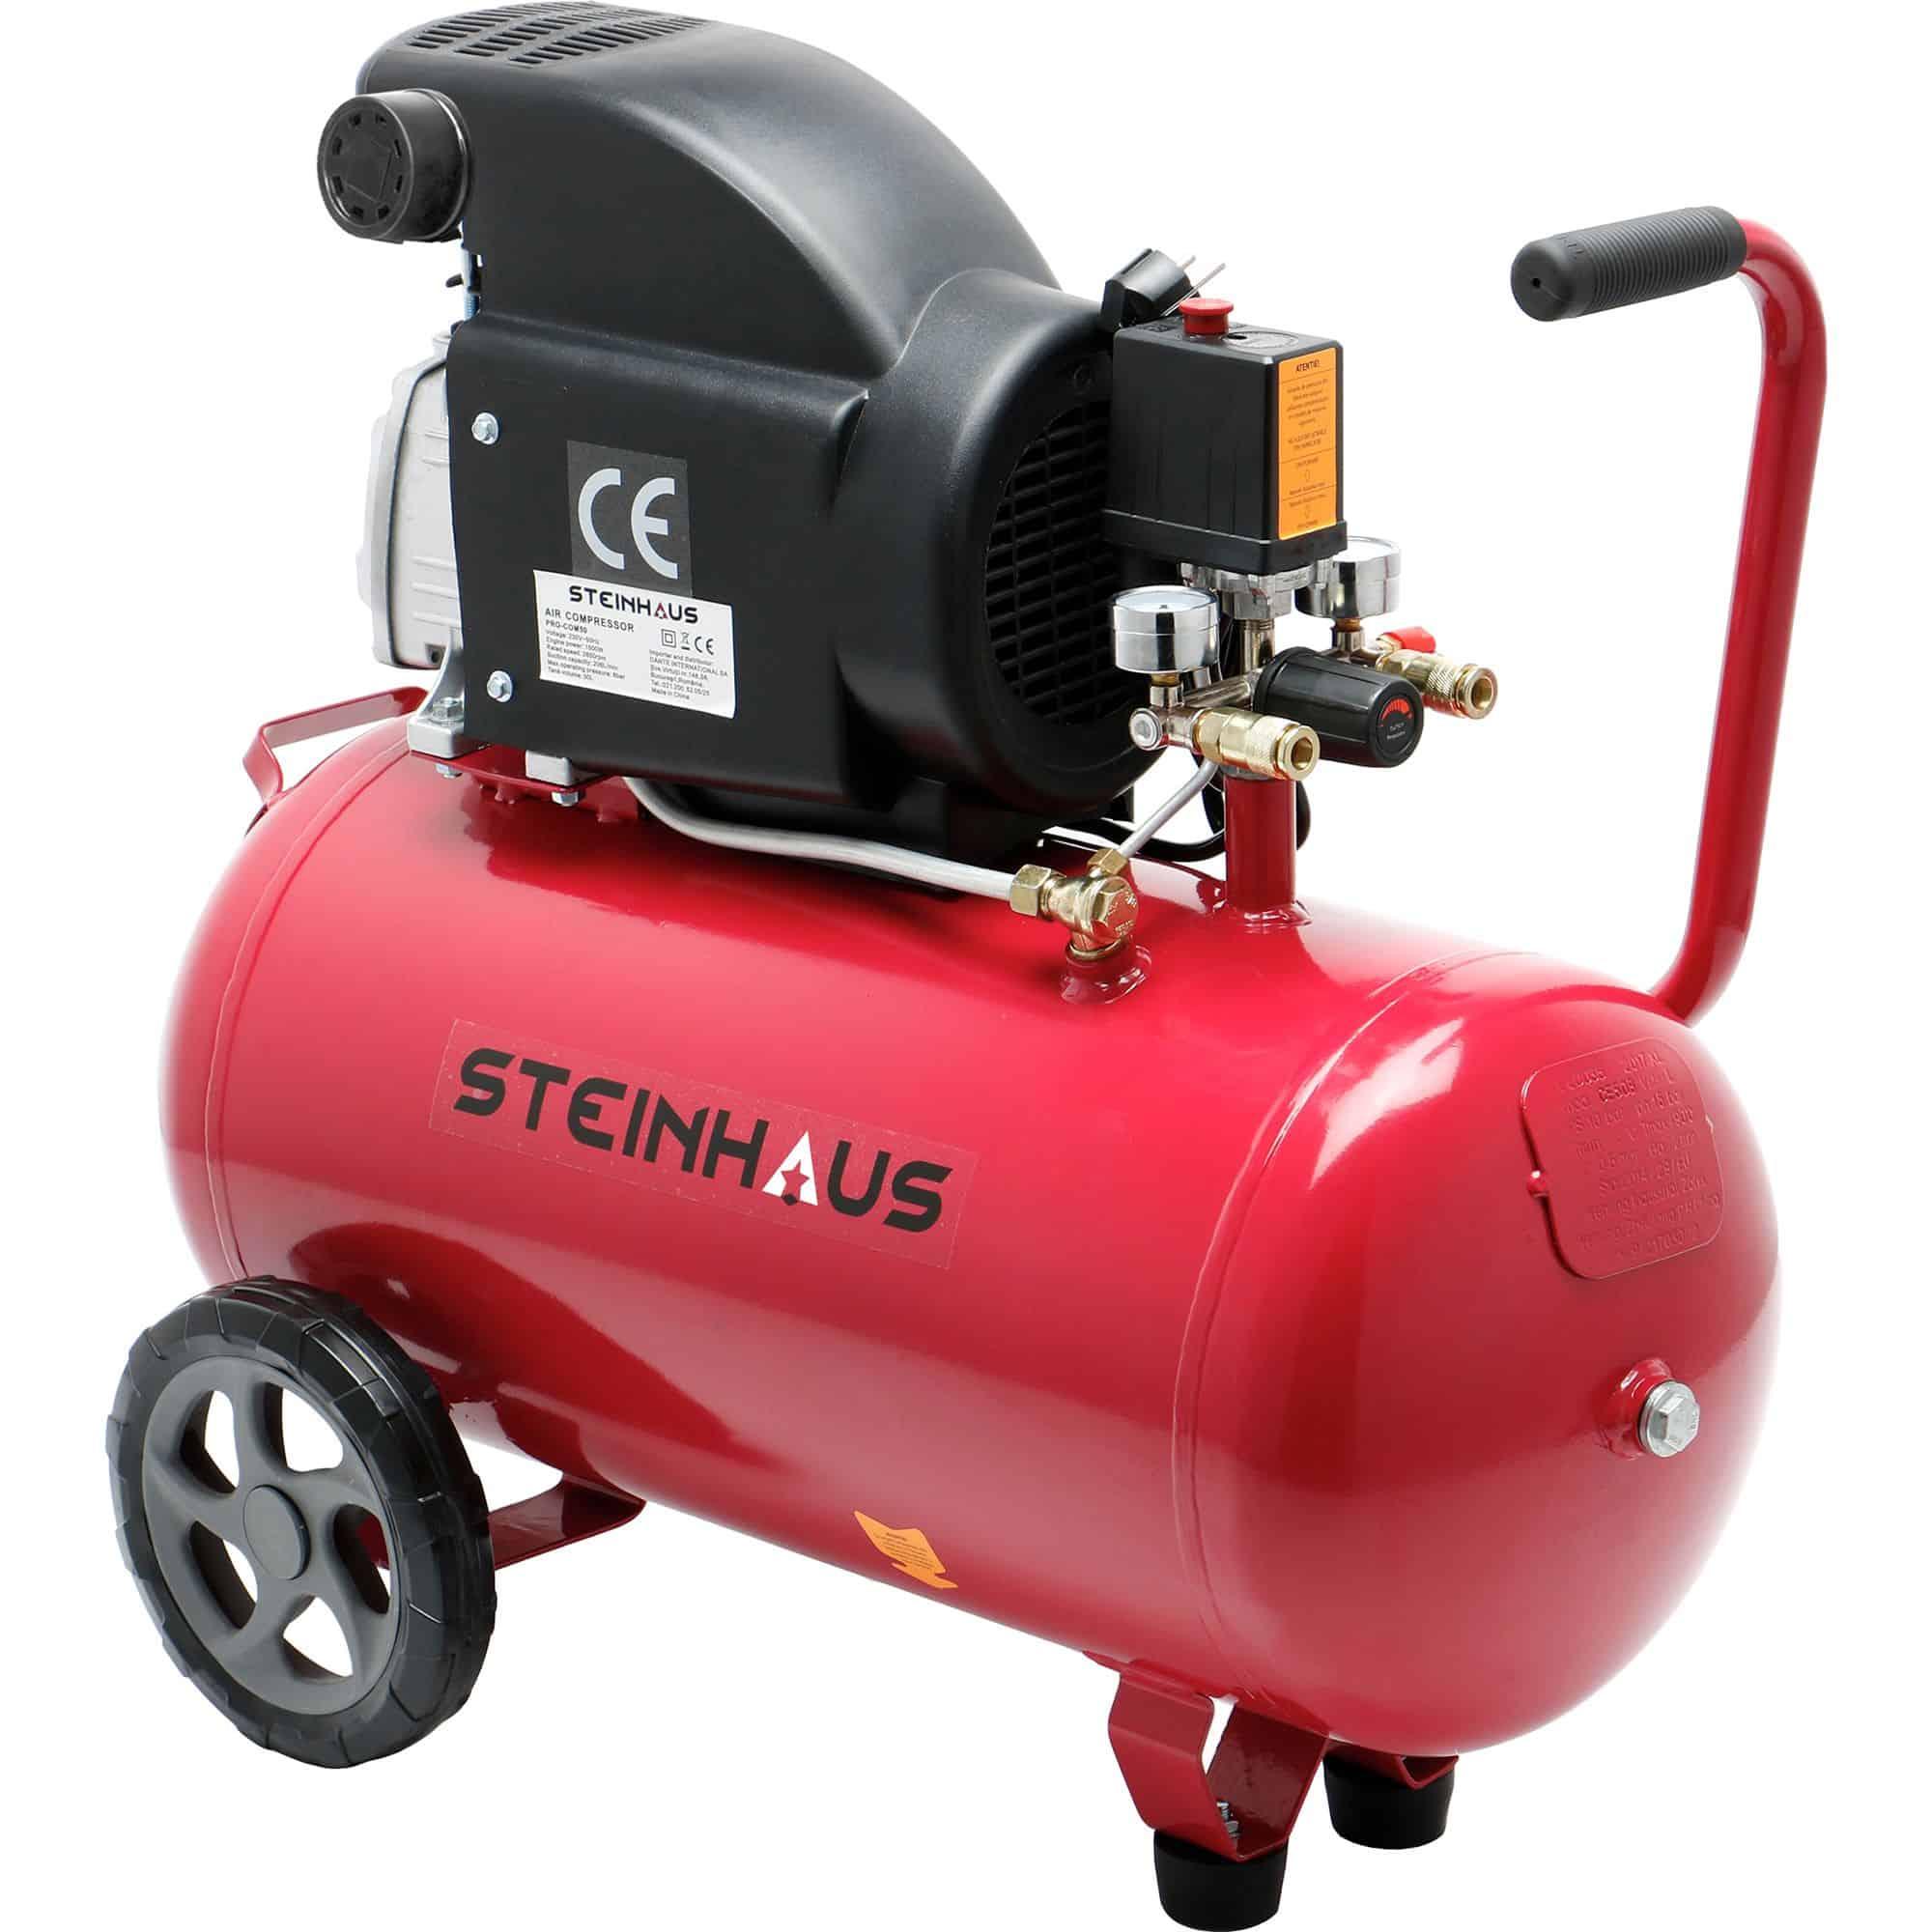 Steinhaus PRO-COM50